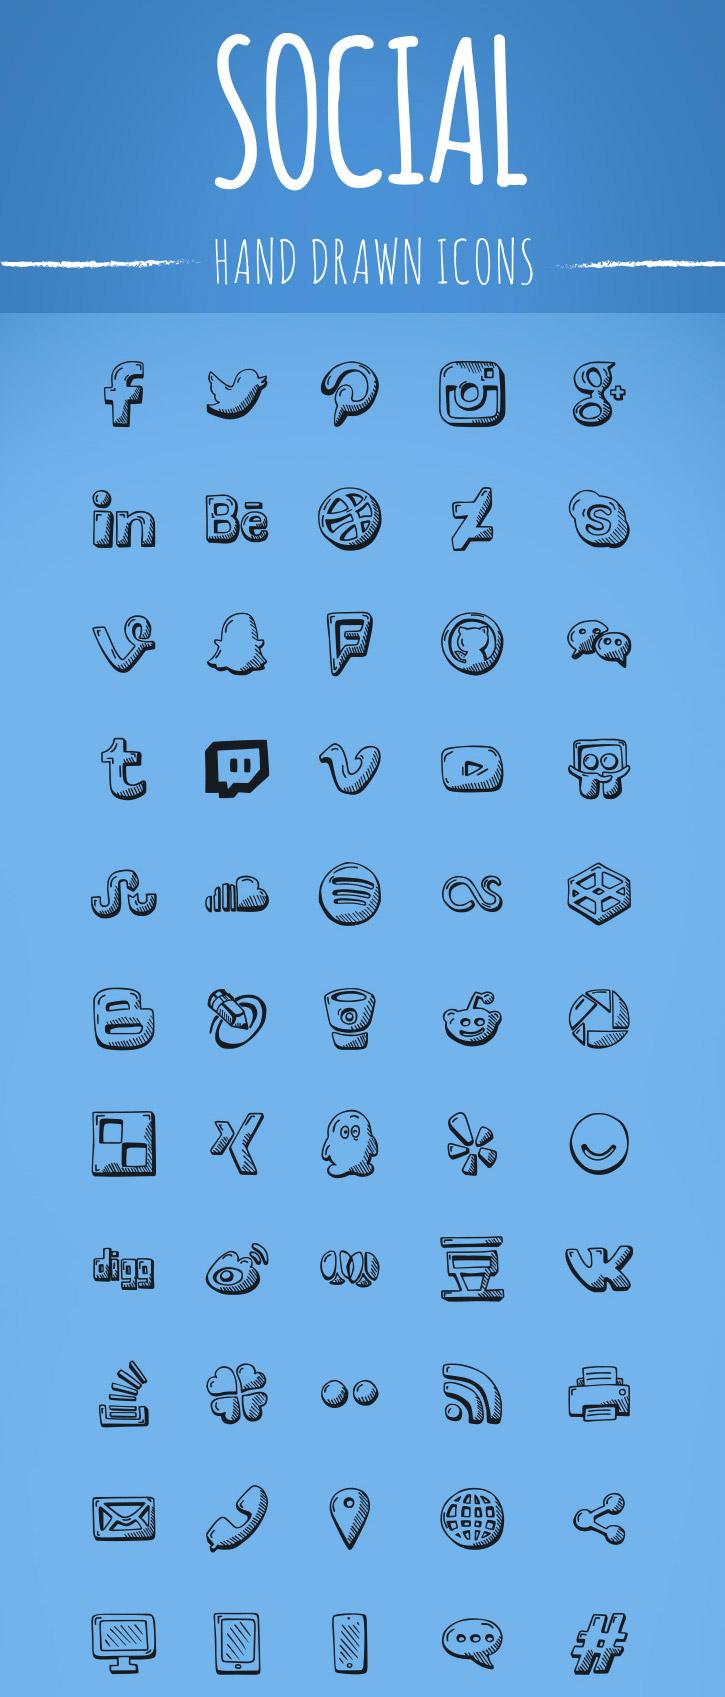 free-hand-drawn-social-icons